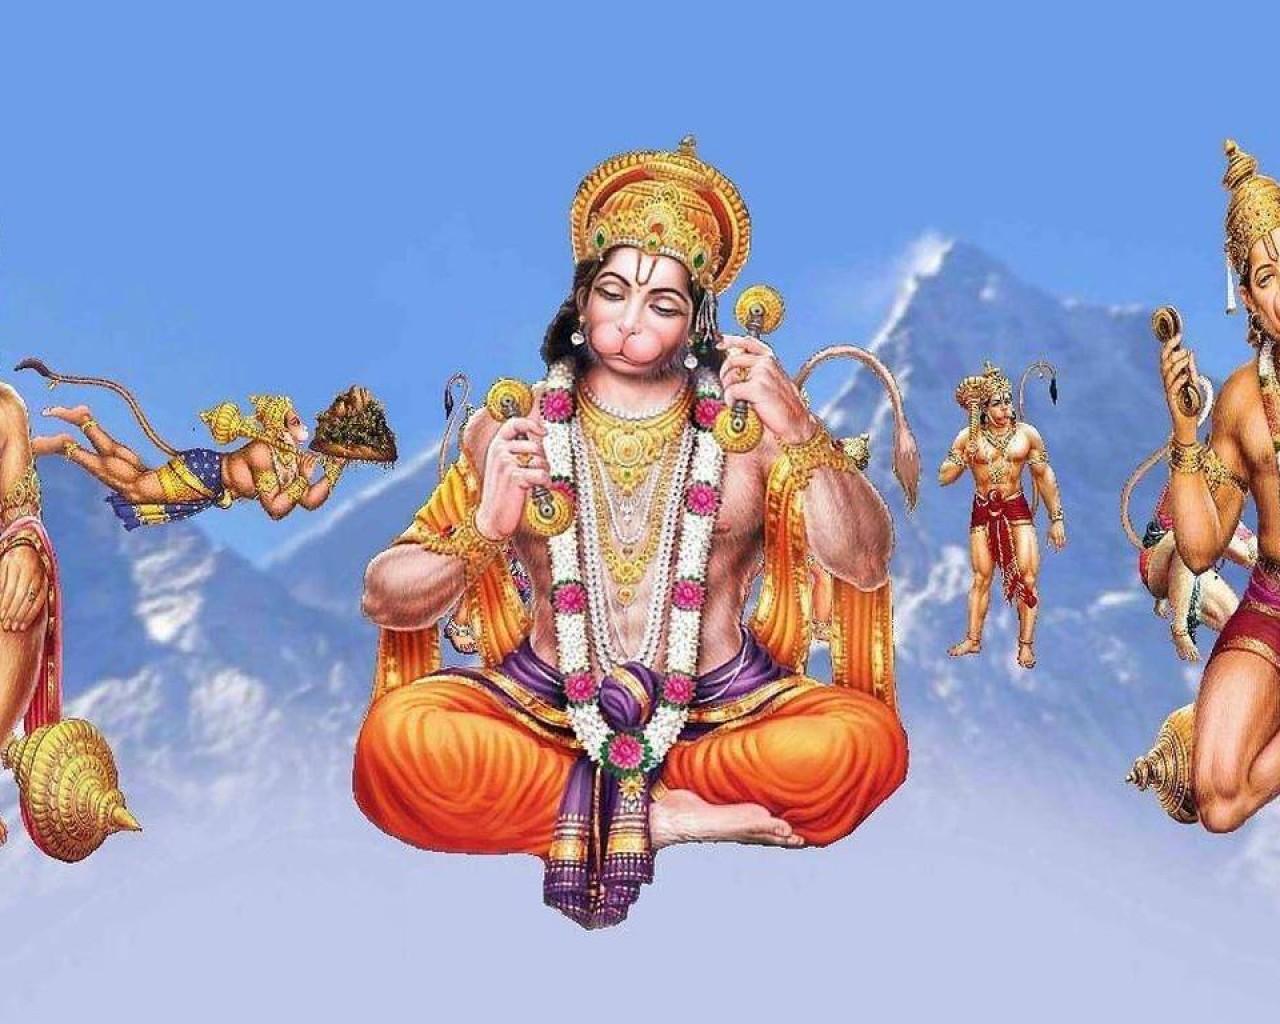 Hd wallpaper hanuman - Hanuman Ji Wallpapers For Desktop